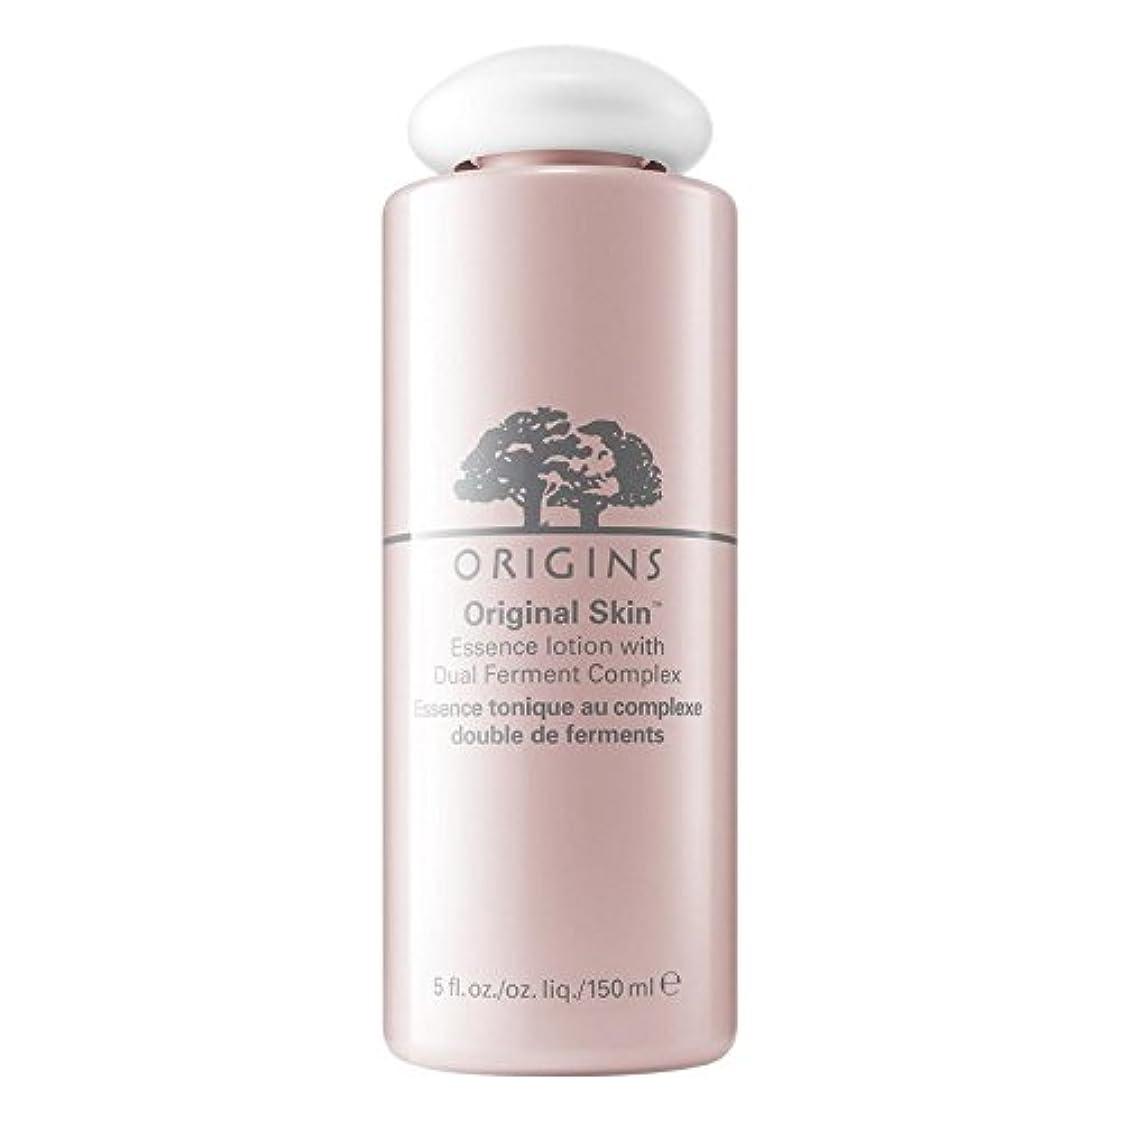 操縦するすみませんプロテスタントOrigins Original Skin Essence Lotion 150ml - 起源オリジナルスキンエッセンスローション150 [並行輸入品]